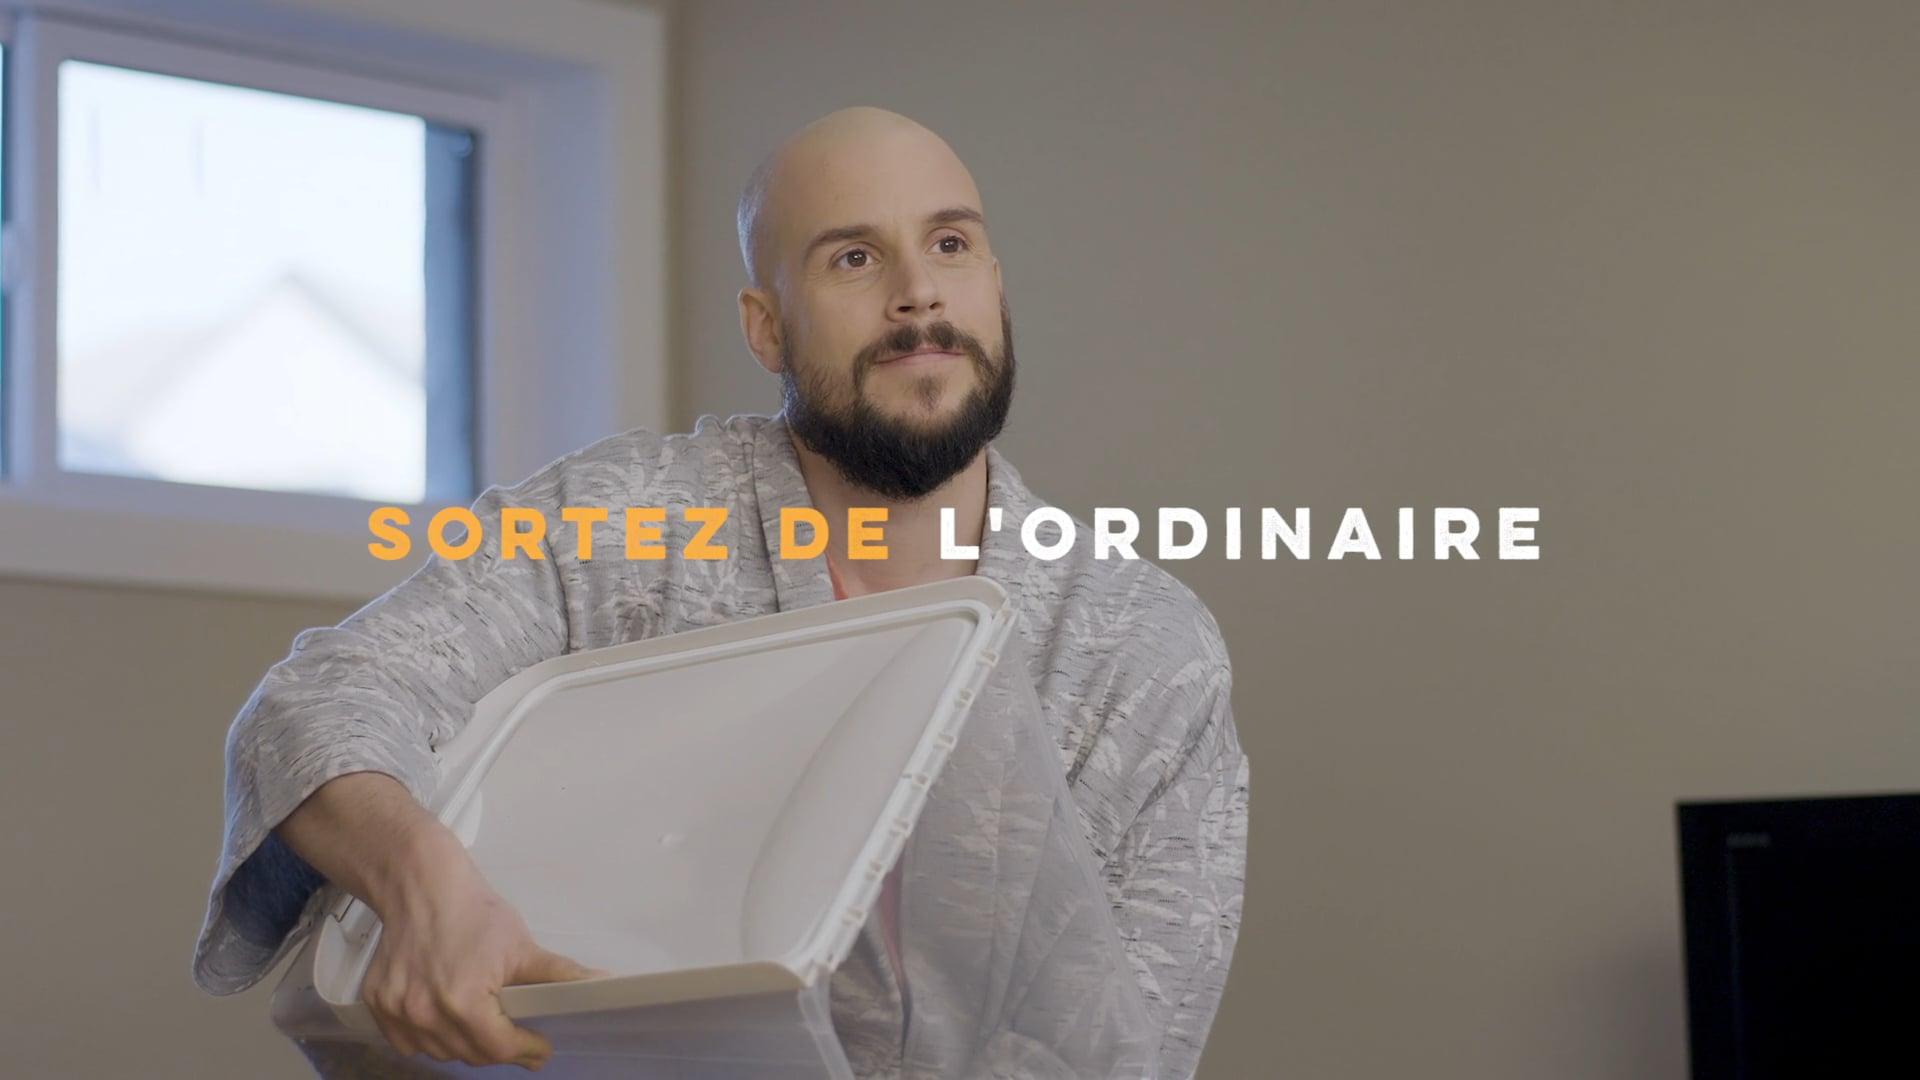 Québecspectacles.com - Rock - 15 secondes